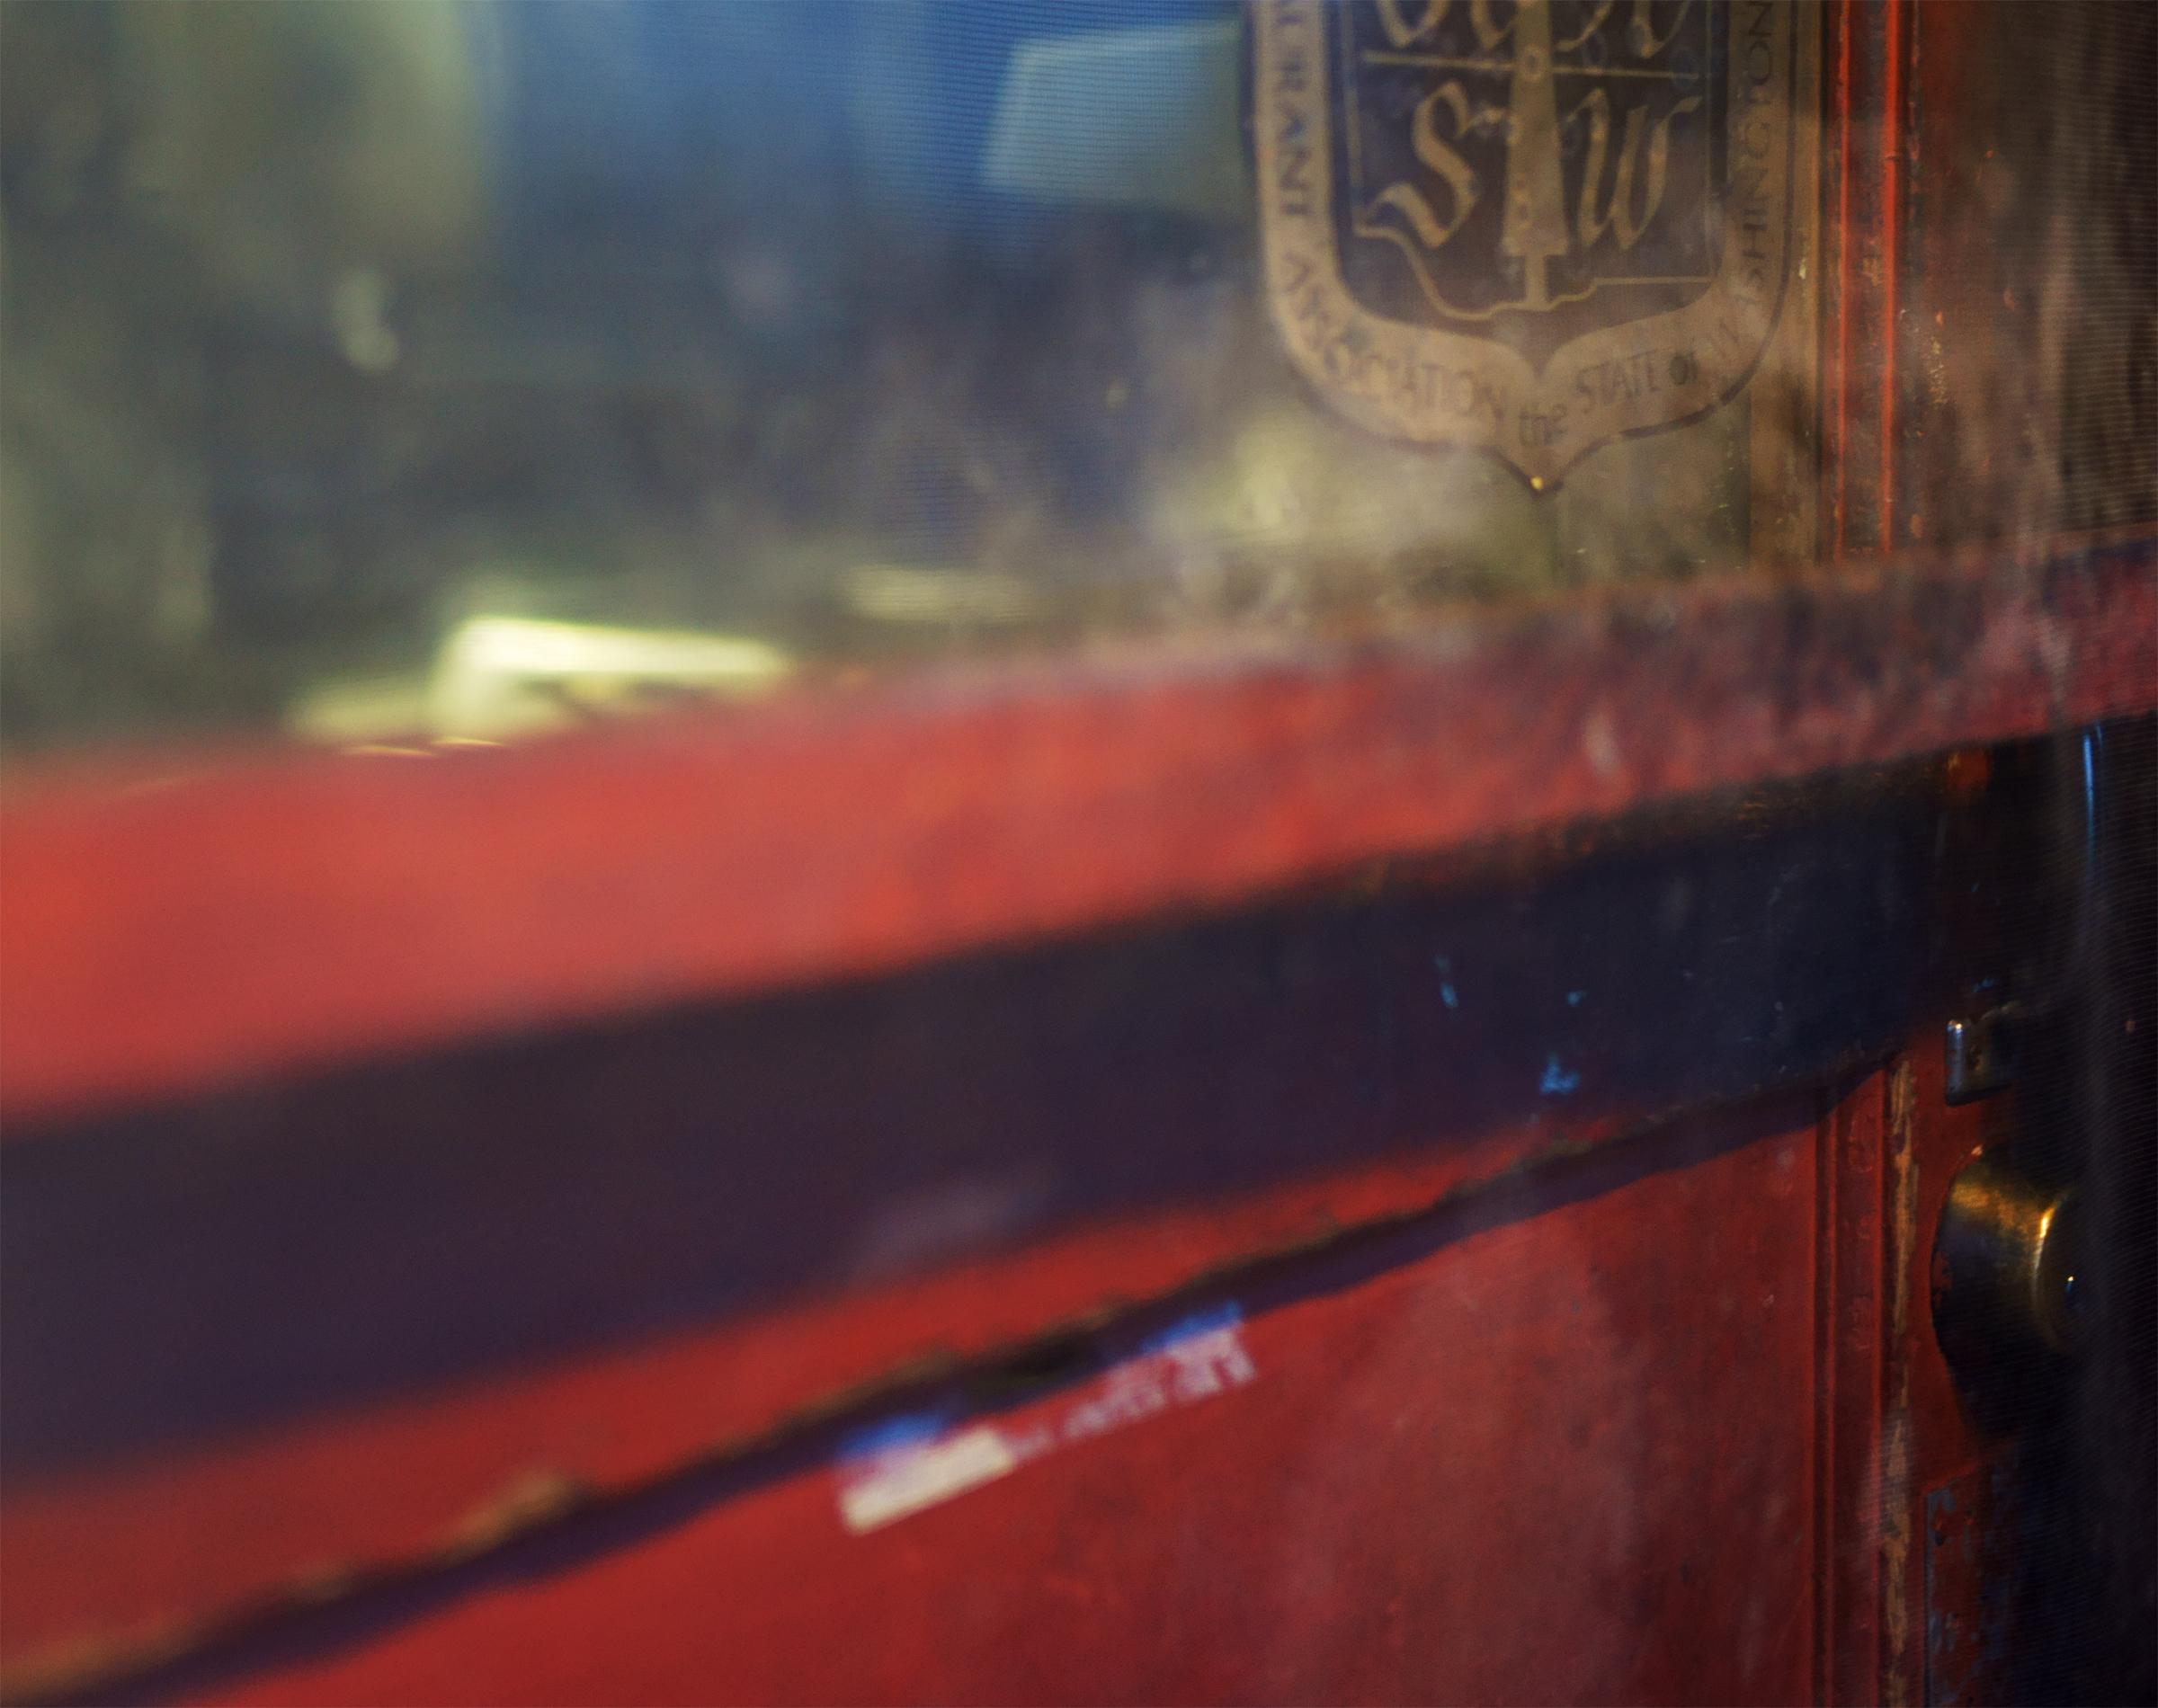 ENUM Old Red Door med.jpg